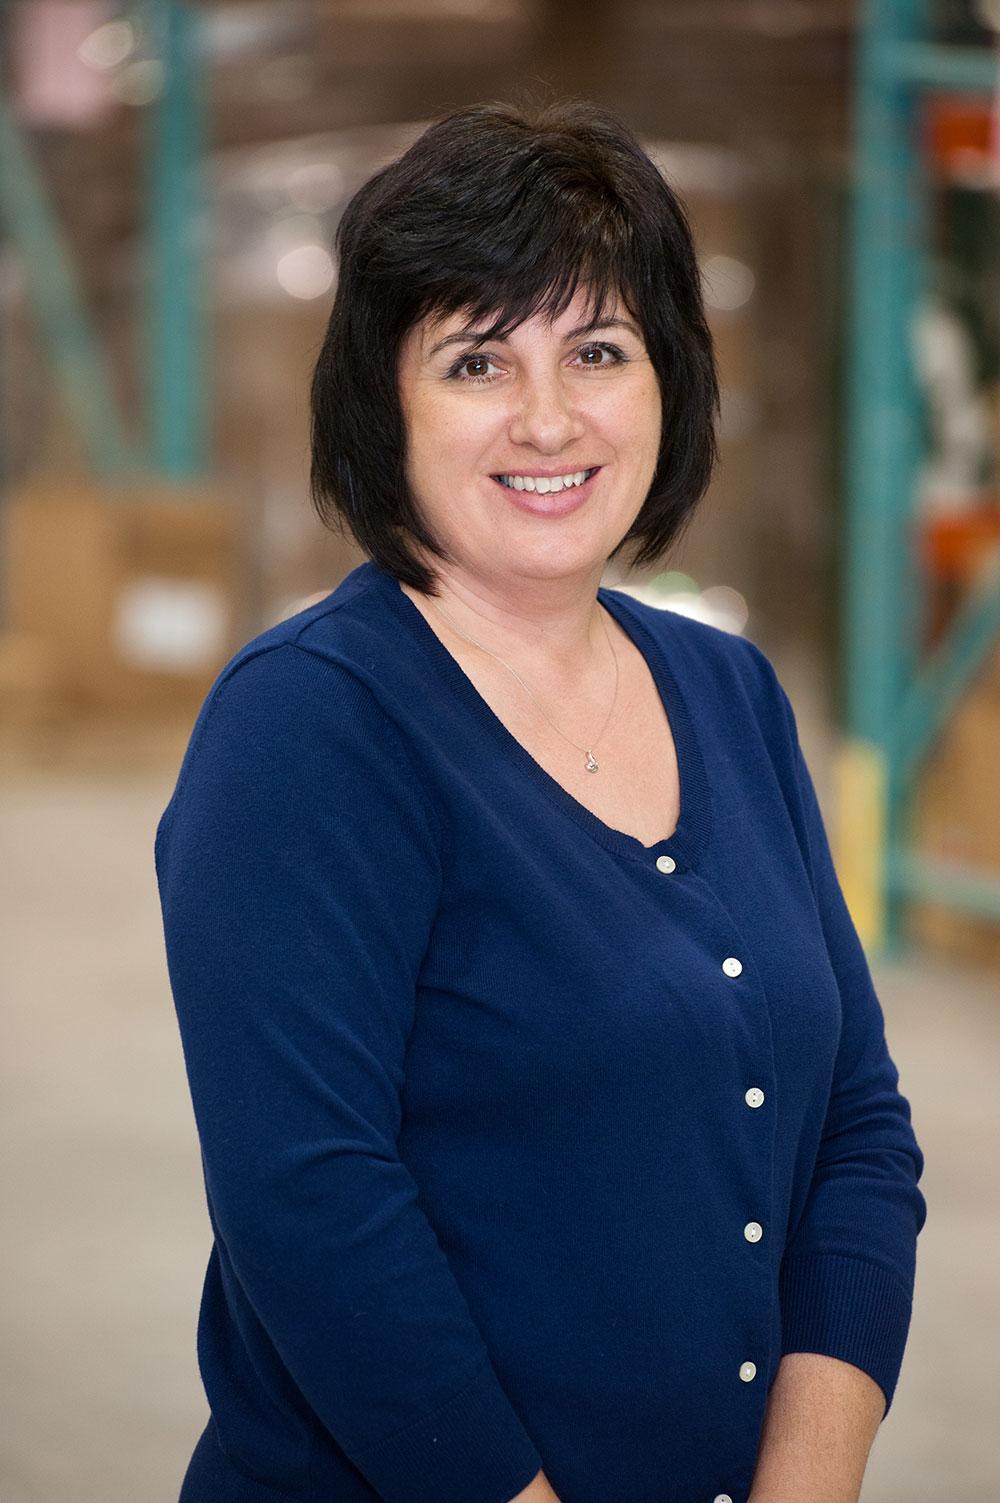 Marketing Kitchen direct mail expert Melissa